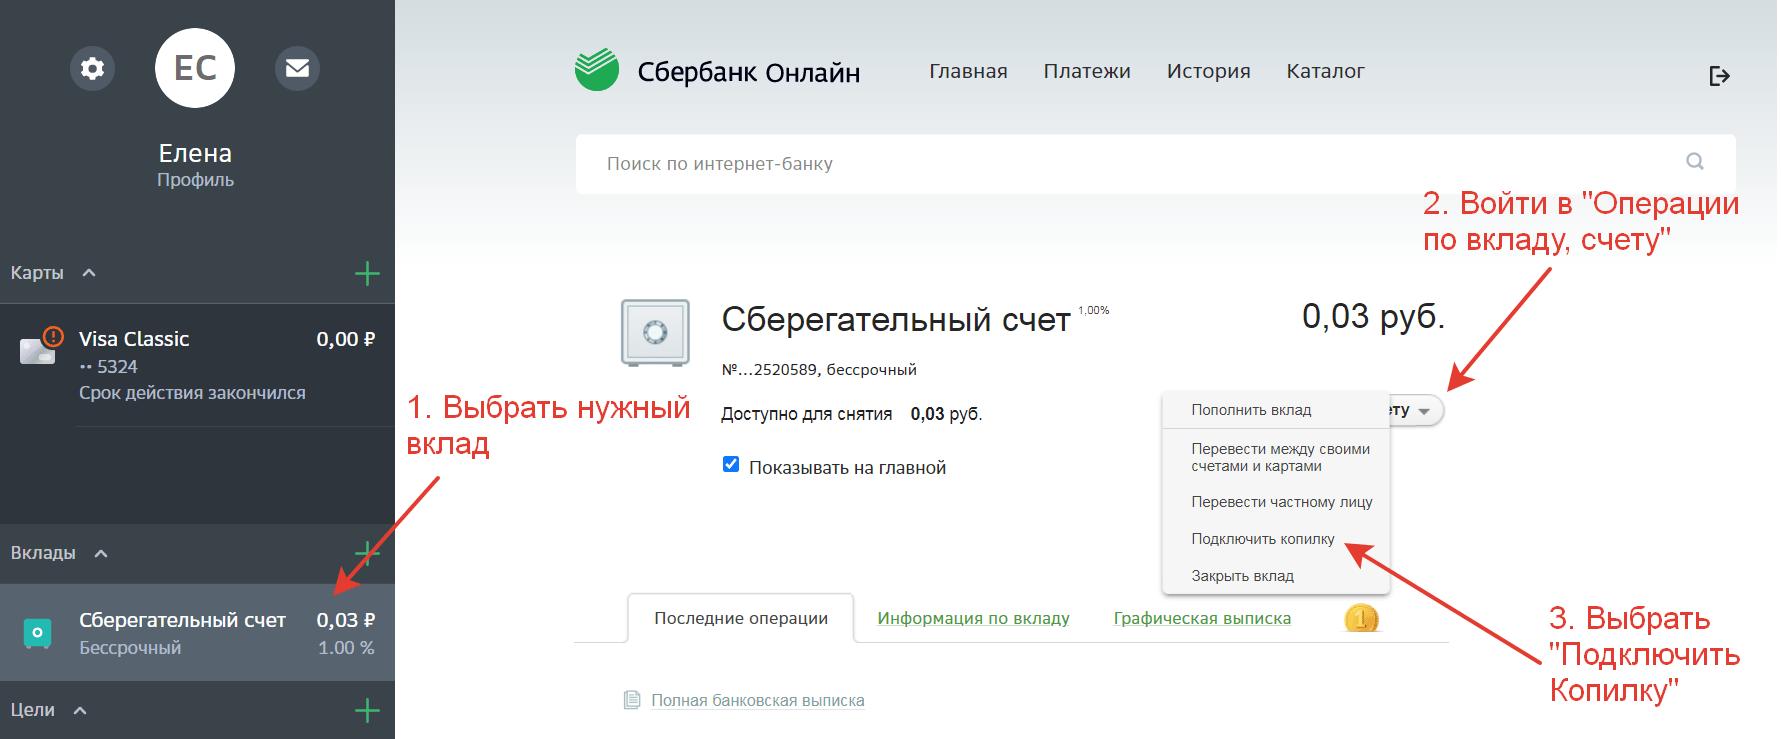 C:\Users\Лена\Desktop\2020-09-09_20-13-40.png